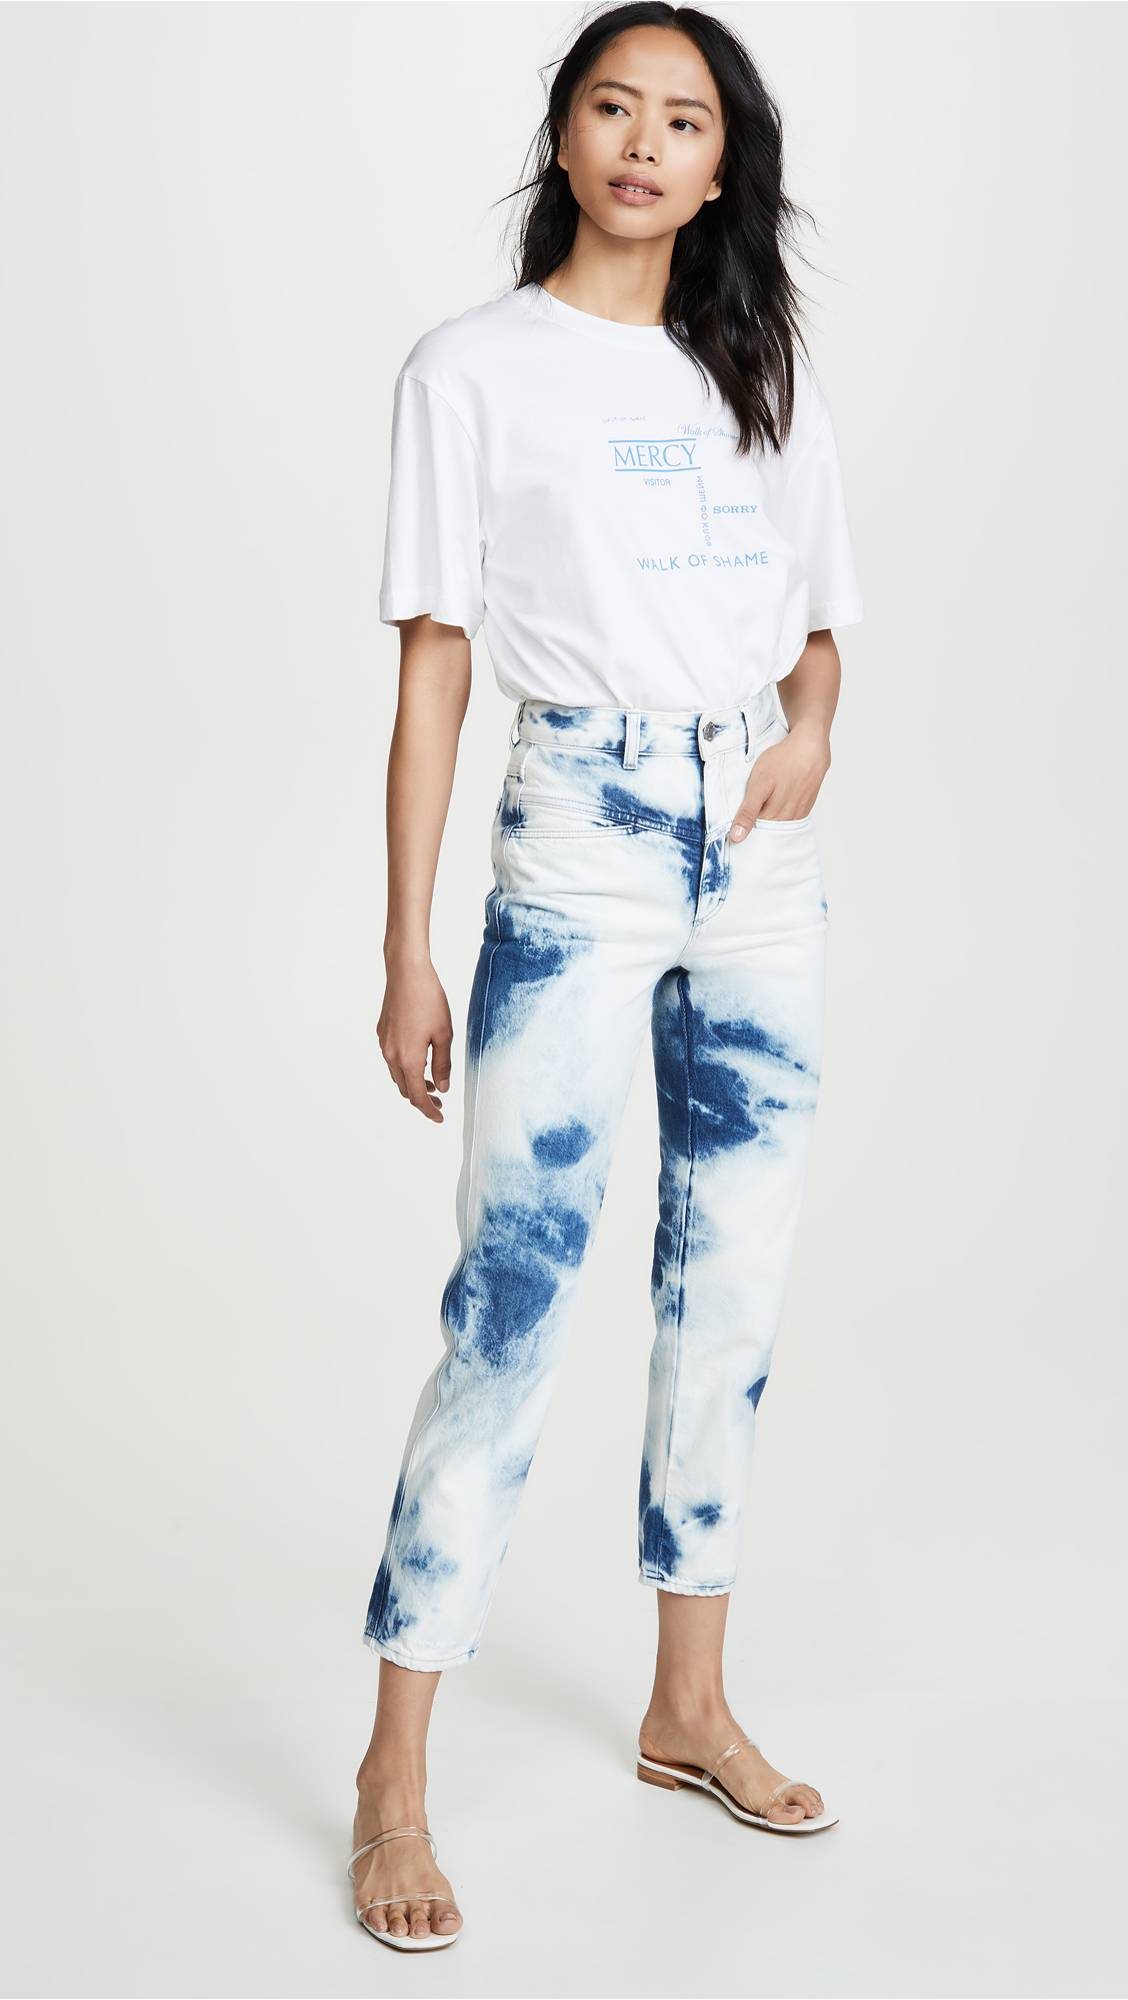 Девушка в беой футболке и укороченных джинсах